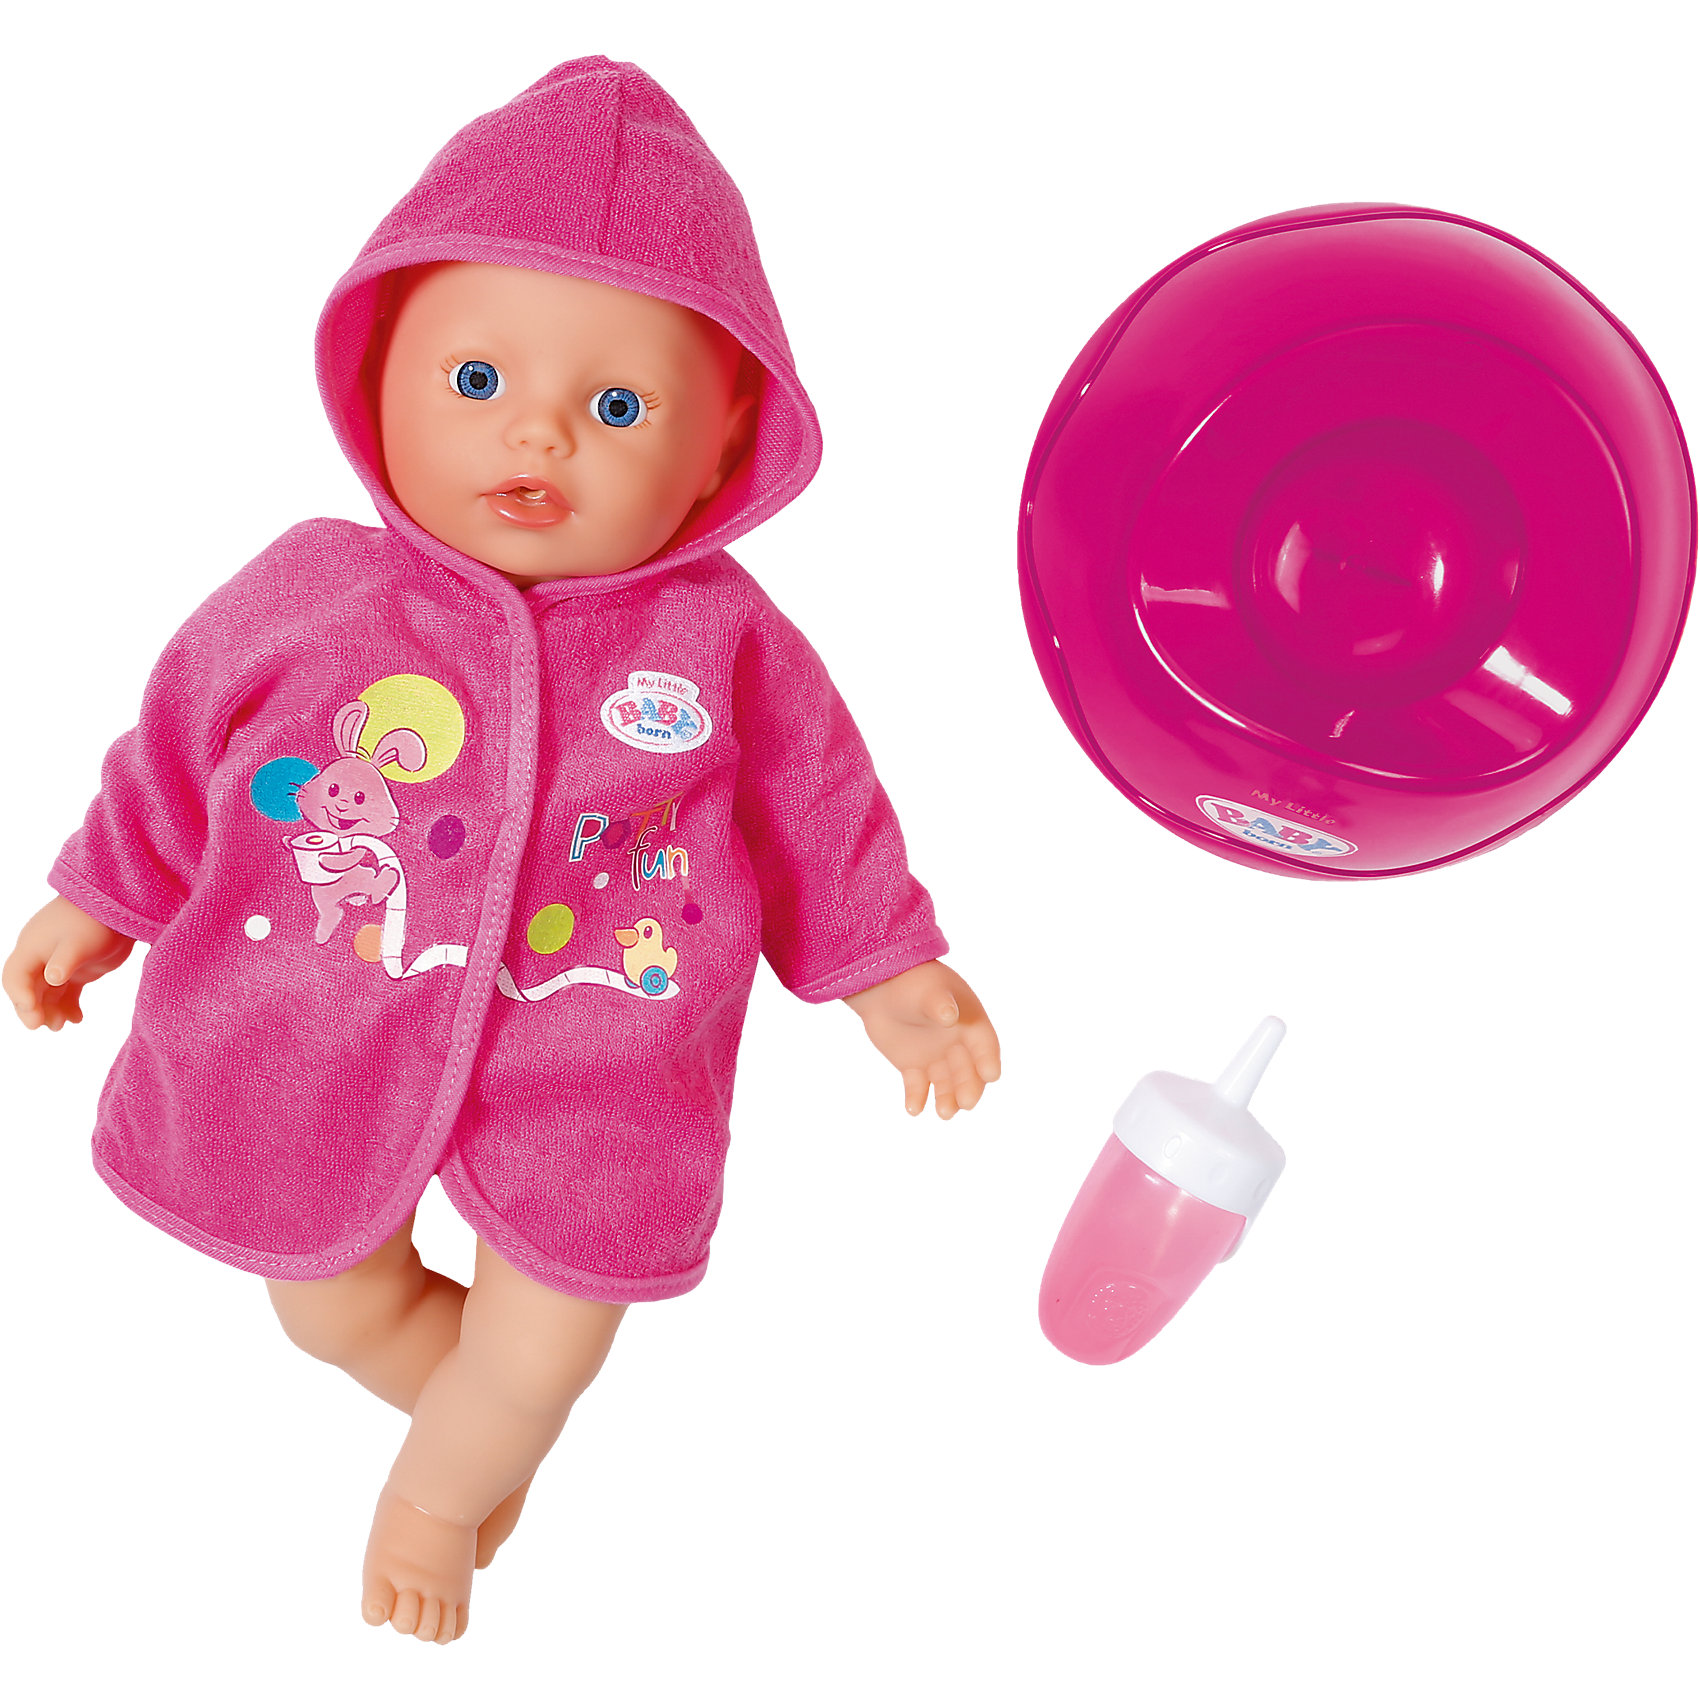 Кукла быстросохнущая с горшком и бутылочкой, 32 см, My Little BABY bornКуклы-пупсы<br>Характеристики товара:<br><br>• возраст от 3 лет;<br>• материал: текстиль, пластик;<br>• в комплекте: кукла, горшок, бутылочка; <br>• высота куклы 32 см;<br>• размер упаковки 29х25х15 см;<br>• страна производитель: Китай.<br><br>Кукла с горшком и бутылочкой My Little Baby Born выполнена в виде младенца с большими глазками. Куколка одета в мягкий халатик с рисунками. Куколку можно брать с собой в ванную и купать ее. Благодаря специальному наполнителю в виде гранул она быстро сохнет. После купания ее можно напоить из бутылочки посадить на горшок. Игра с куклой прививает девочке чувство любви, заботы и ответственности. <br><br>Кукла быстросохнущая с горшком и бутылочкой My Little Baby Born<br><br>Ширина мм: 290<br>Глубина мм: 250<br>Высота мм: 160<br>Вес г: 620<br>Возраст от месяцев: 12<br>Возраст до месяцев: 36<br>Пол: Женский<br>Возраст: Детский<br>SKU: 5030818